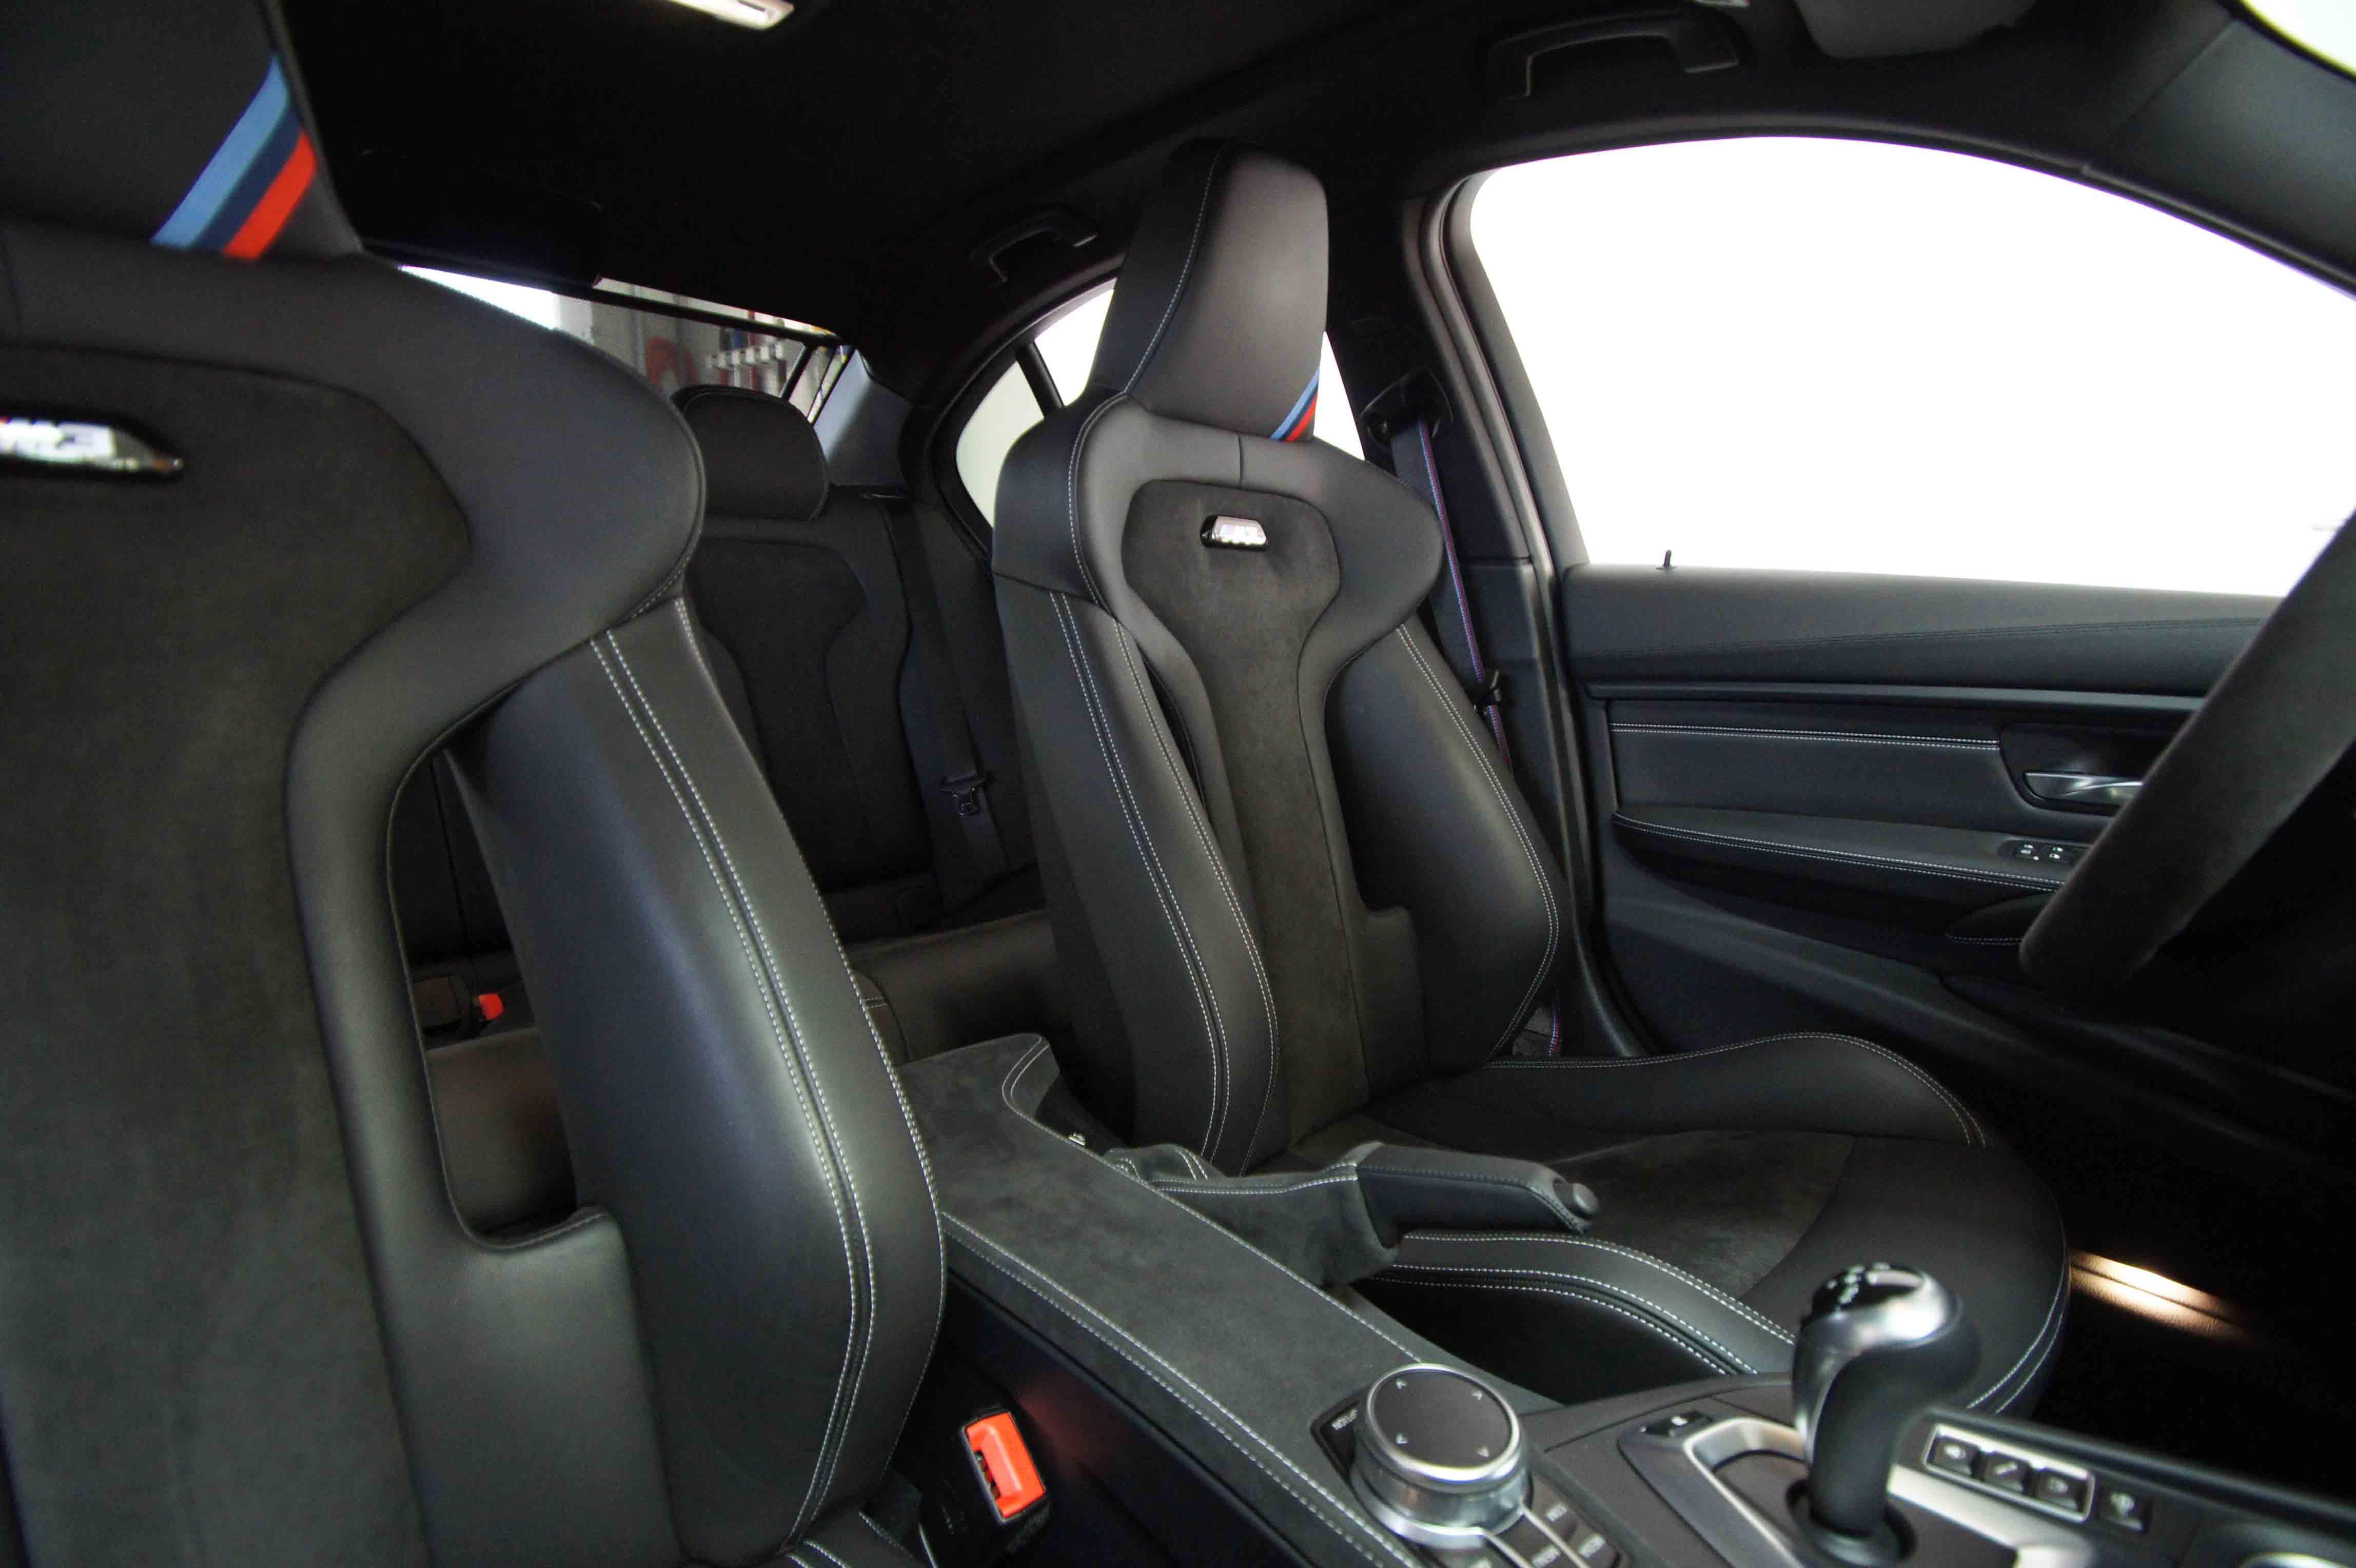 BMW M3 CS Innenausstattung Echtleder und Alcantara